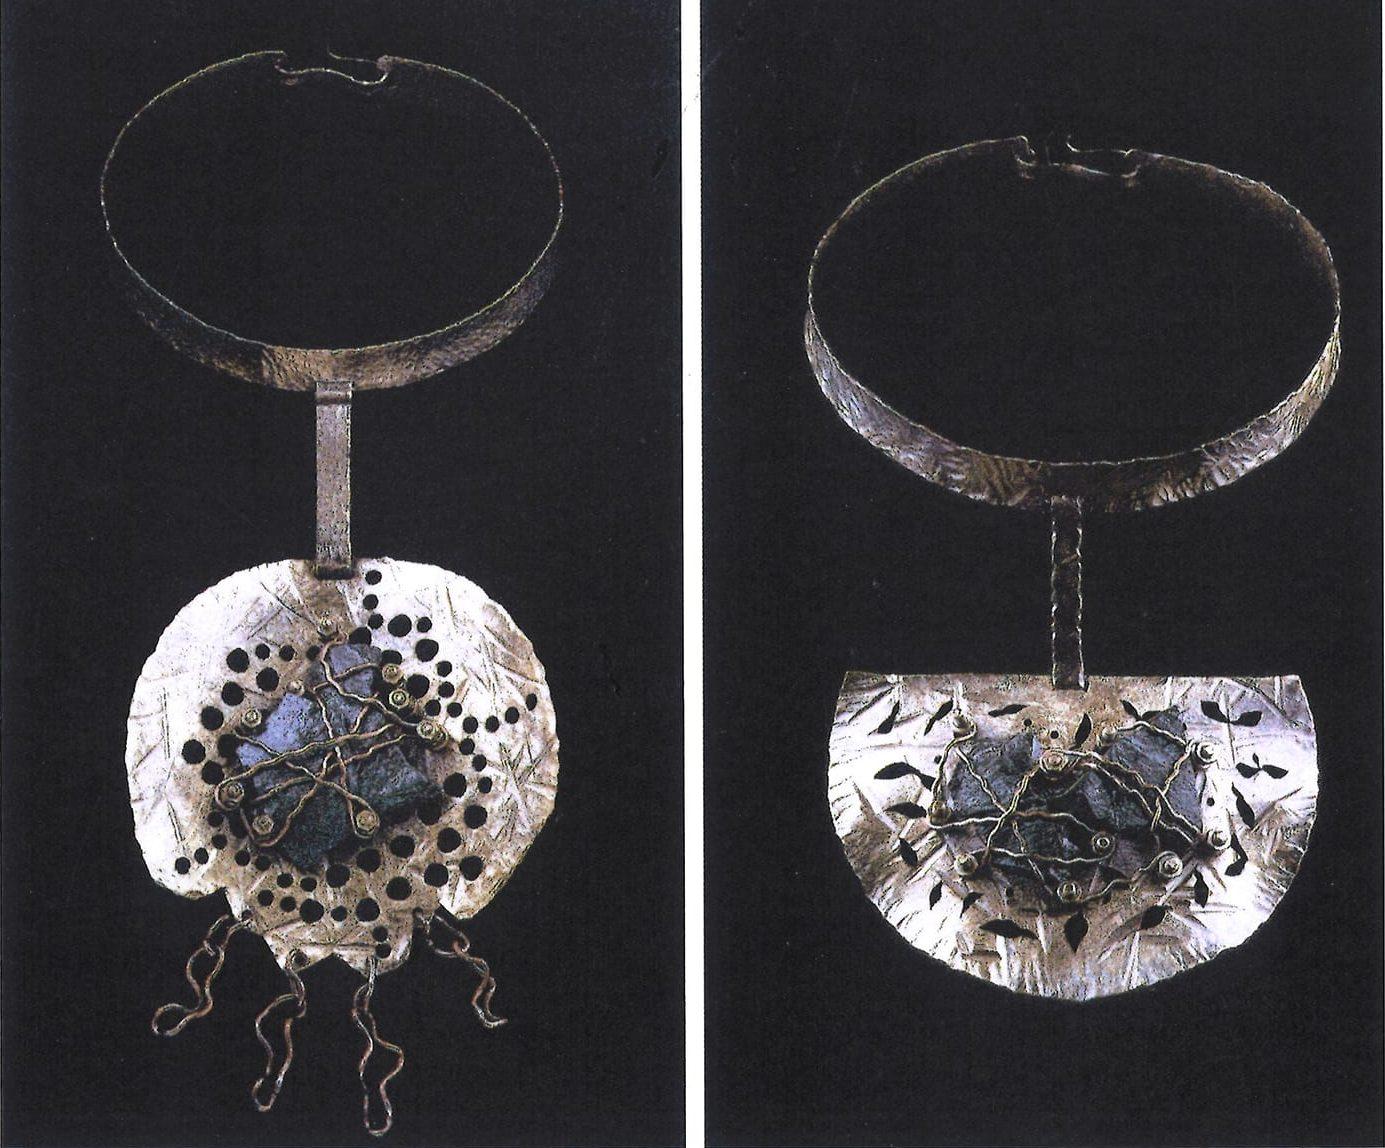 Alberto Gordillo, halssieraden, 1958, messing, koper, schroeven, marmer, schroeven